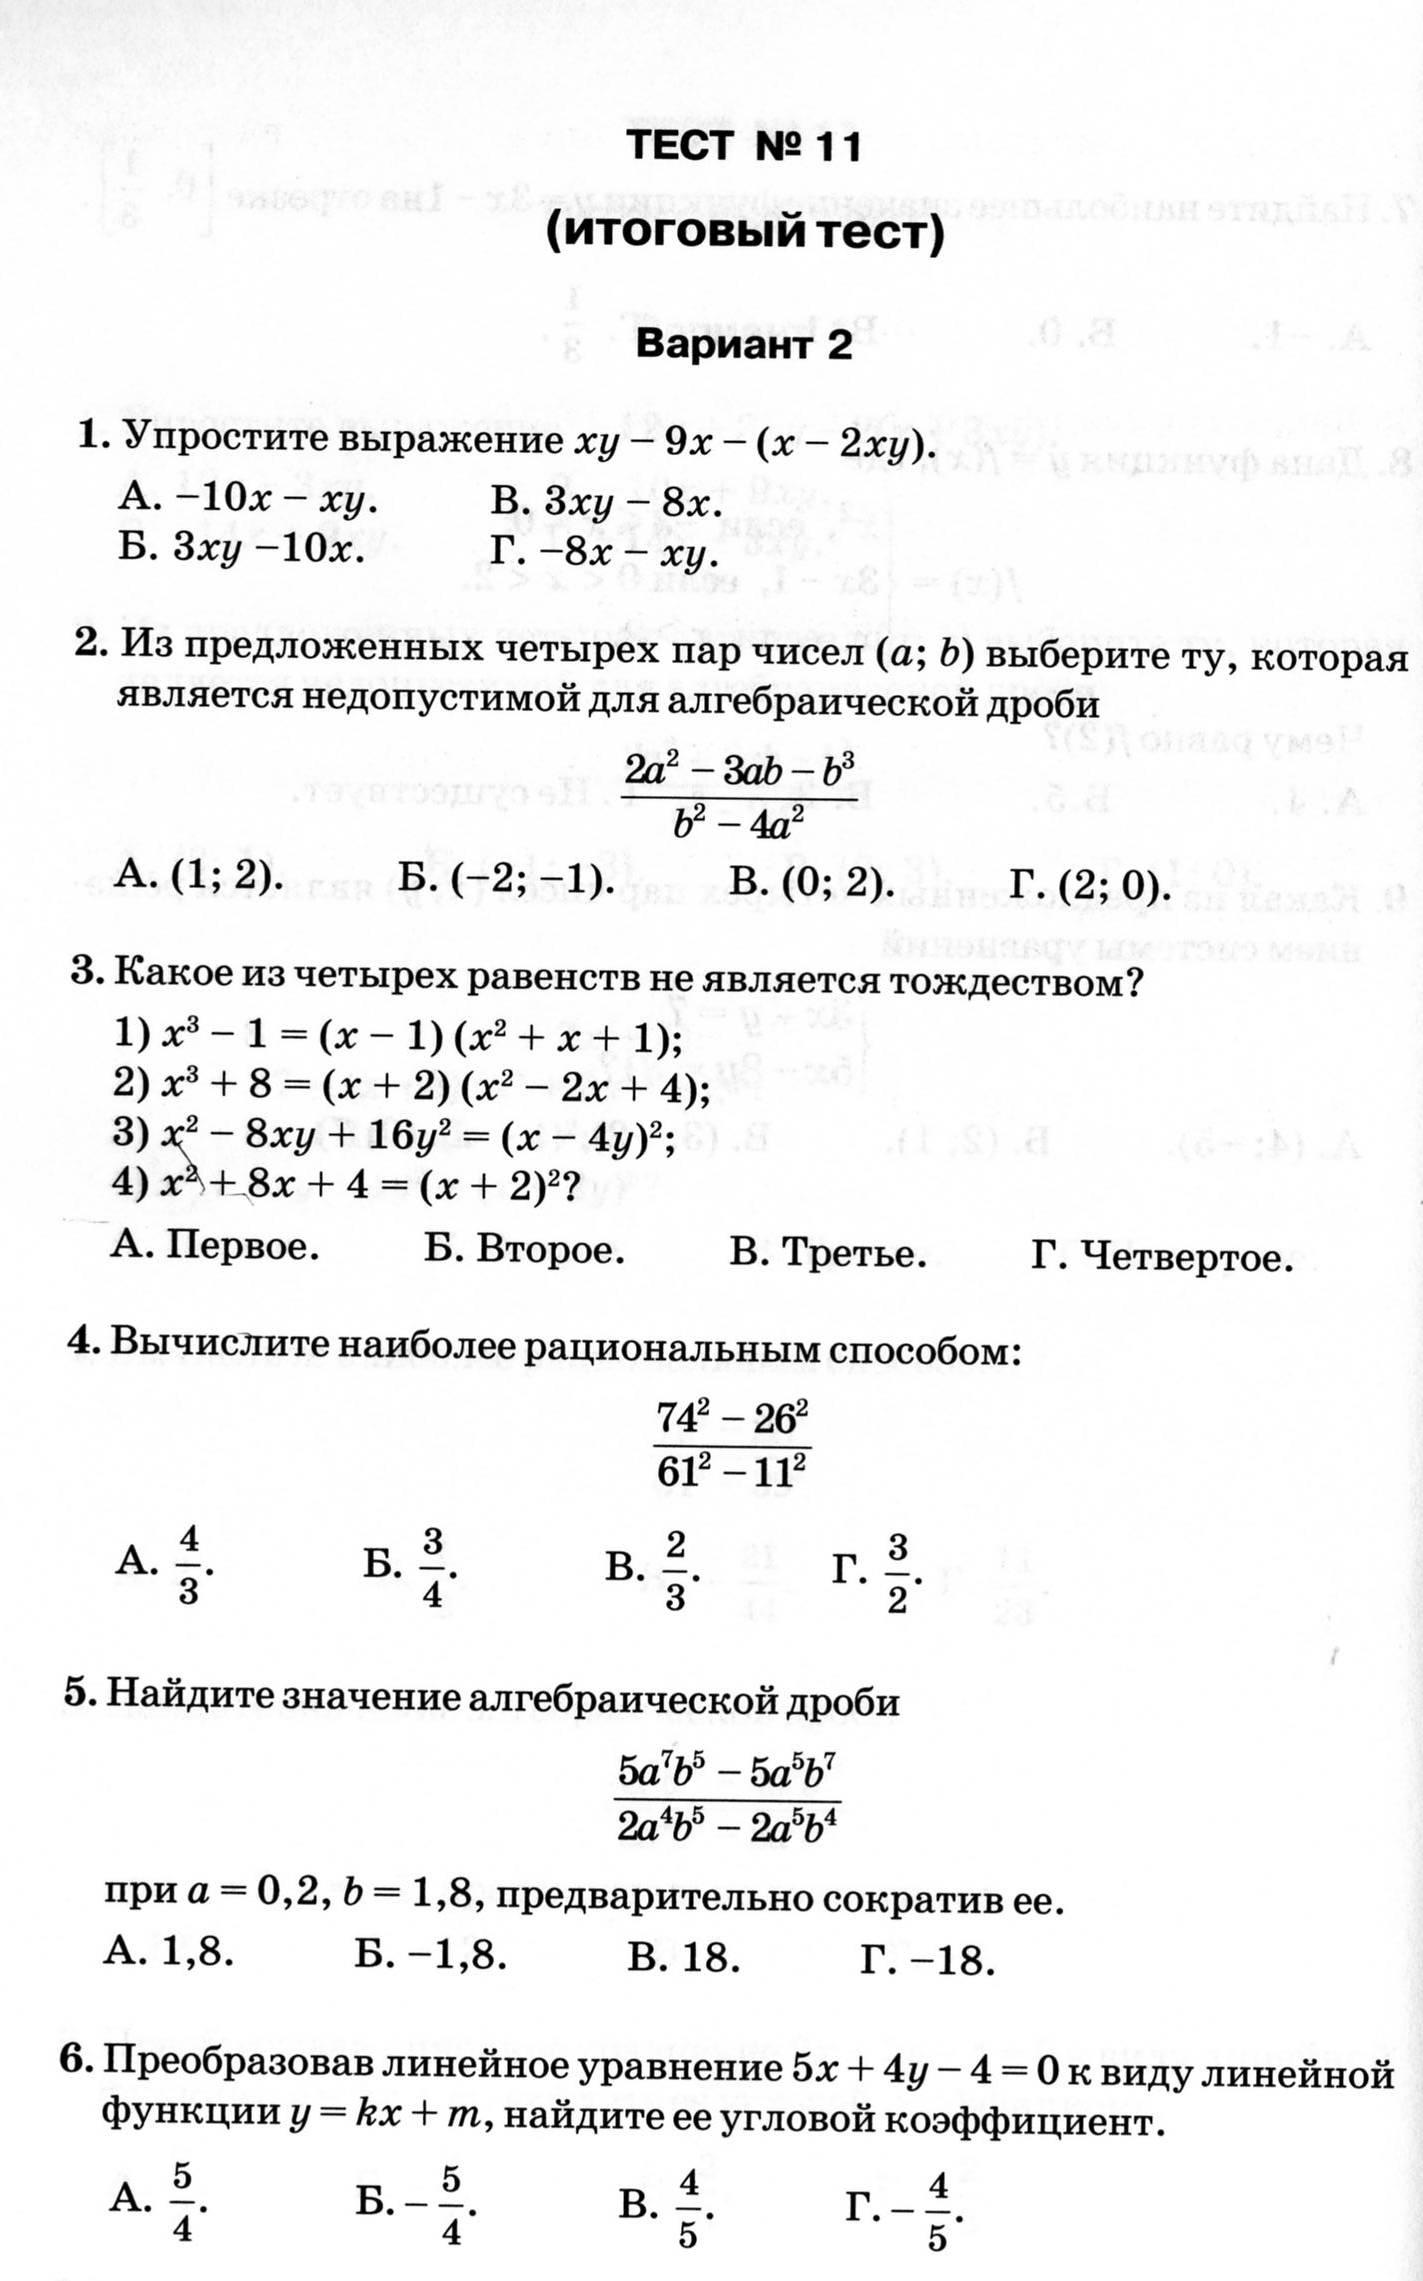 Упражнения по алгебре 7 класс с ответами